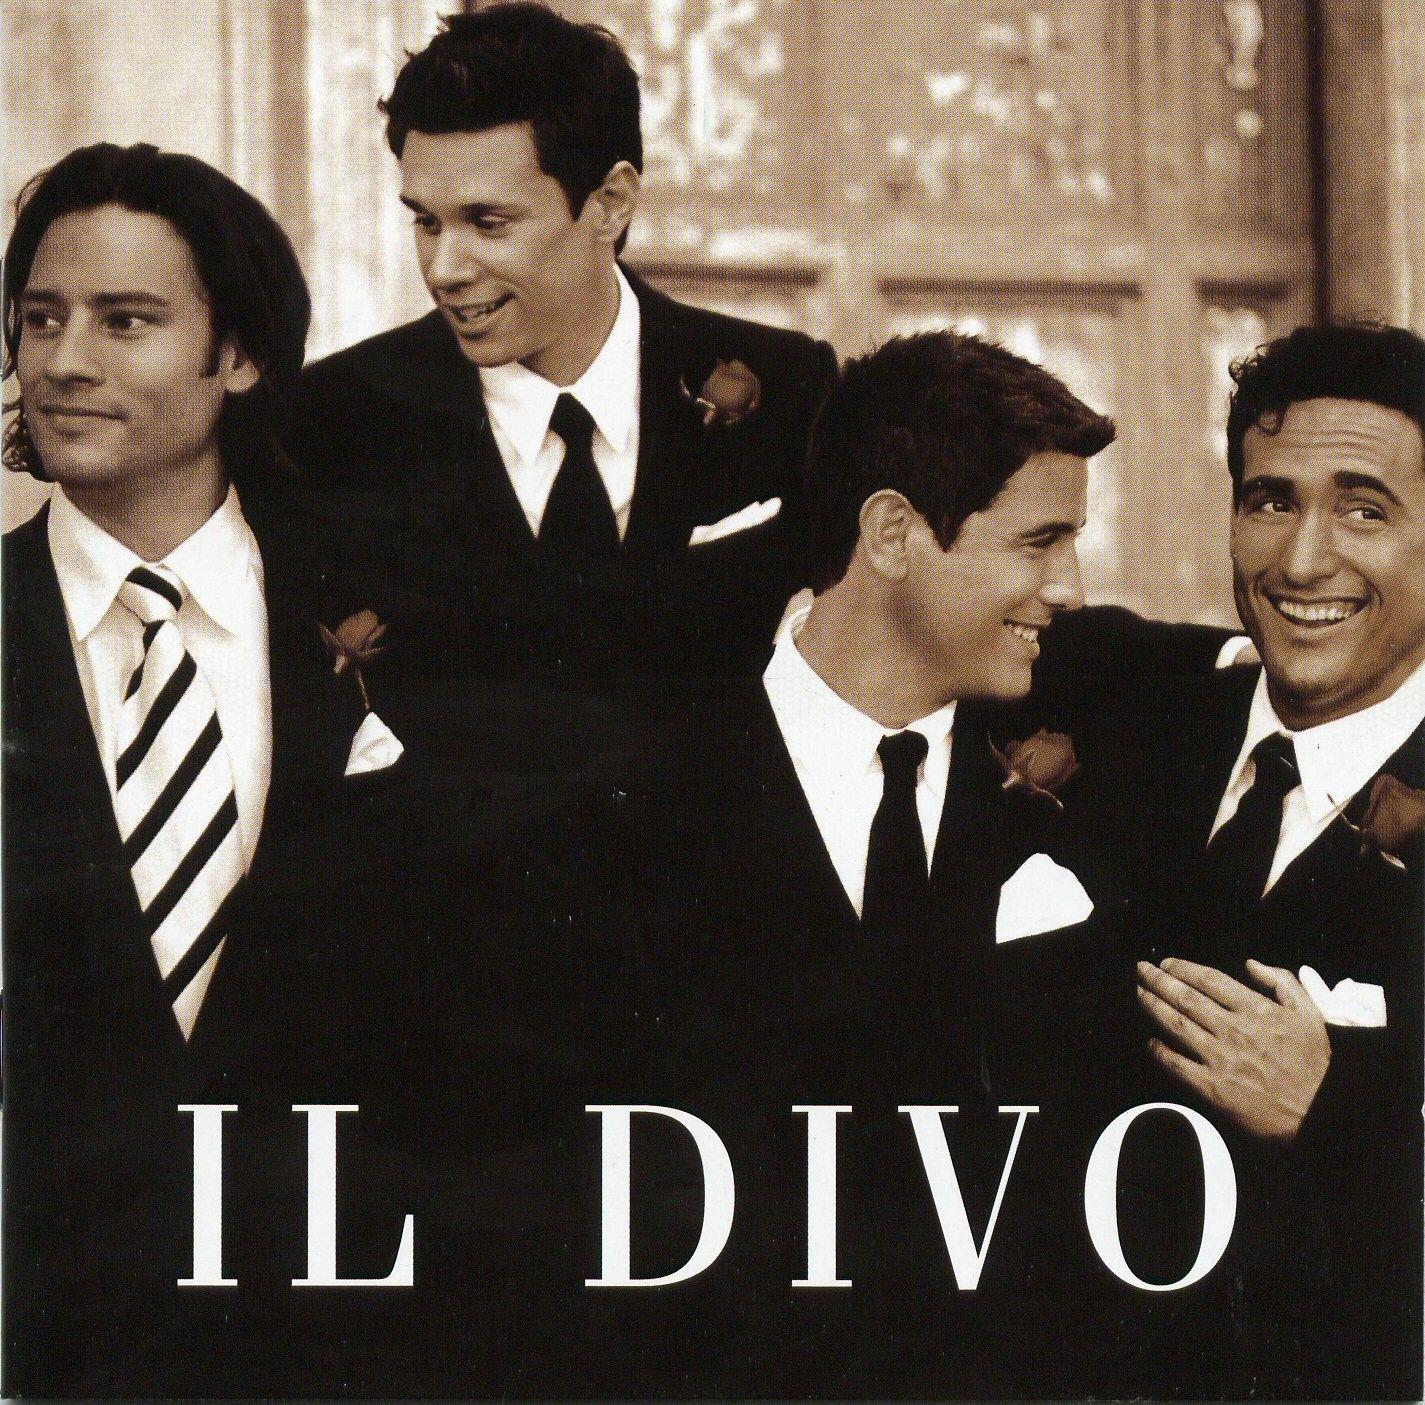 Il Divo - Il Divo album cover